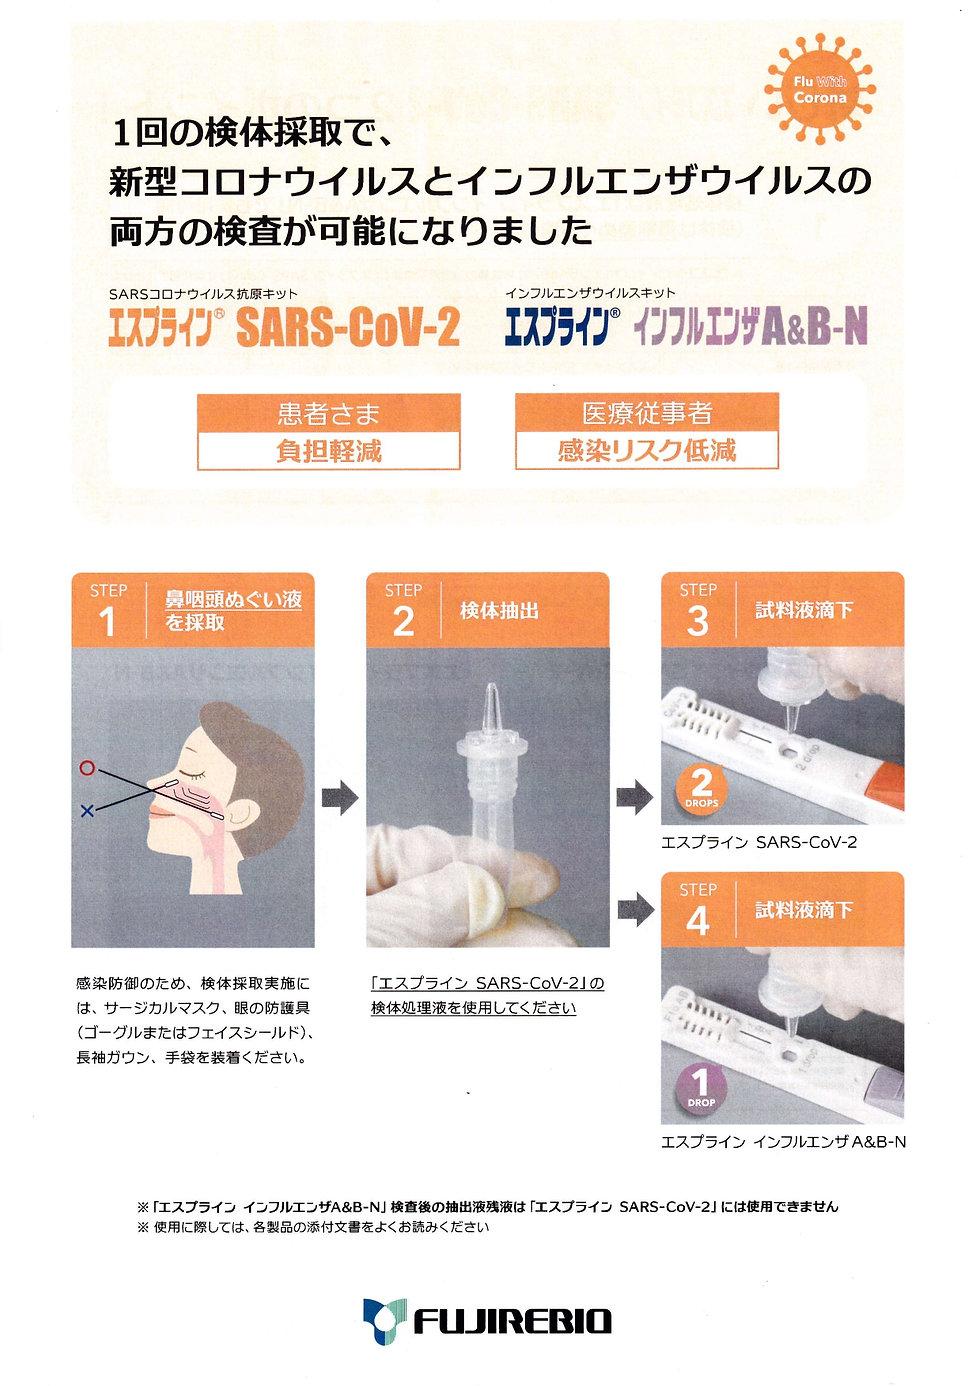 抗原検査_page-0001 (1).jpg